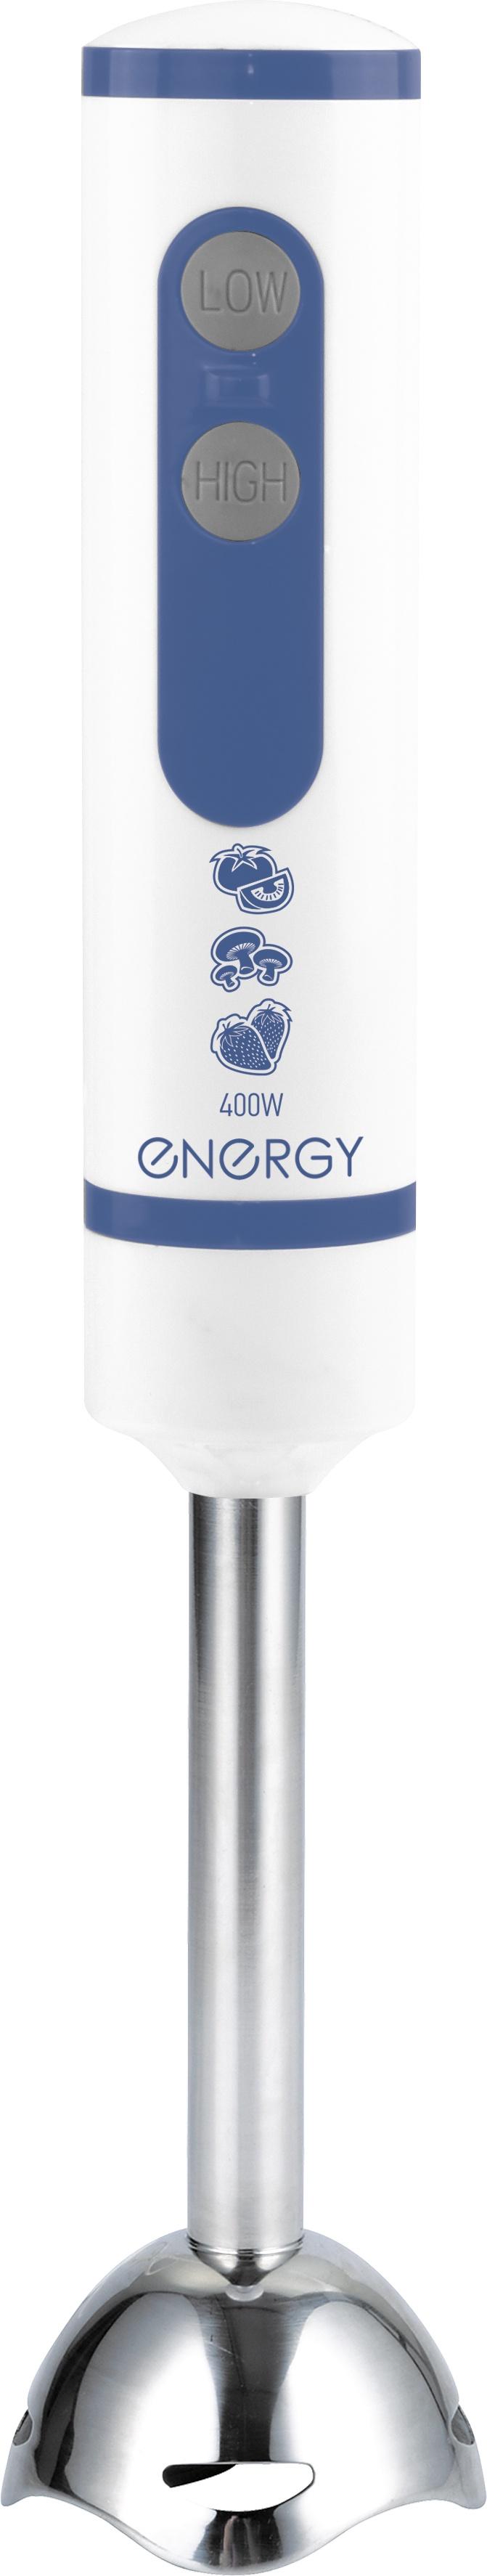 Блендер Energy EN-133 54 004649 погружной, белый блендер погружной добрыня do 2303